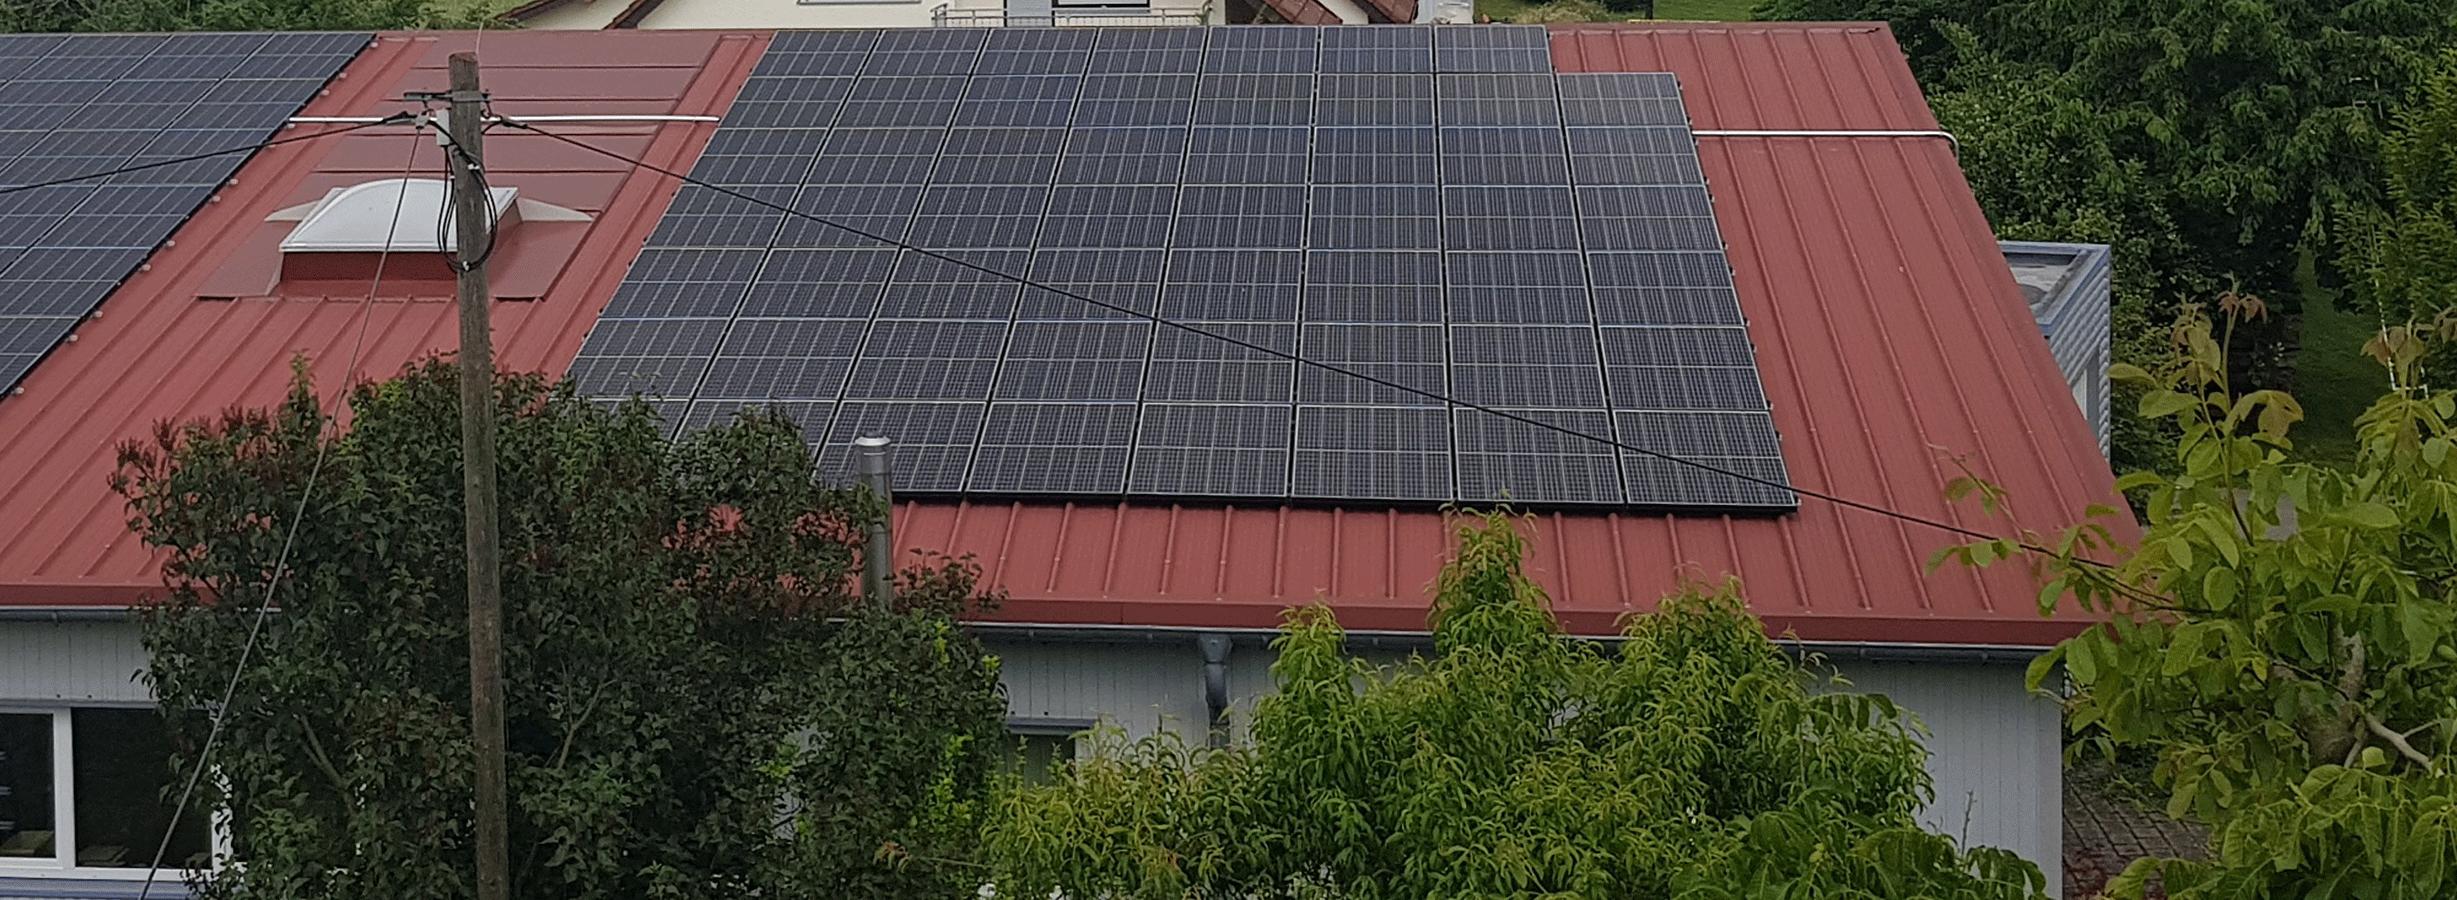 Nachhaltigkeit - Sustainability Verkaufsdisplays Siebecke